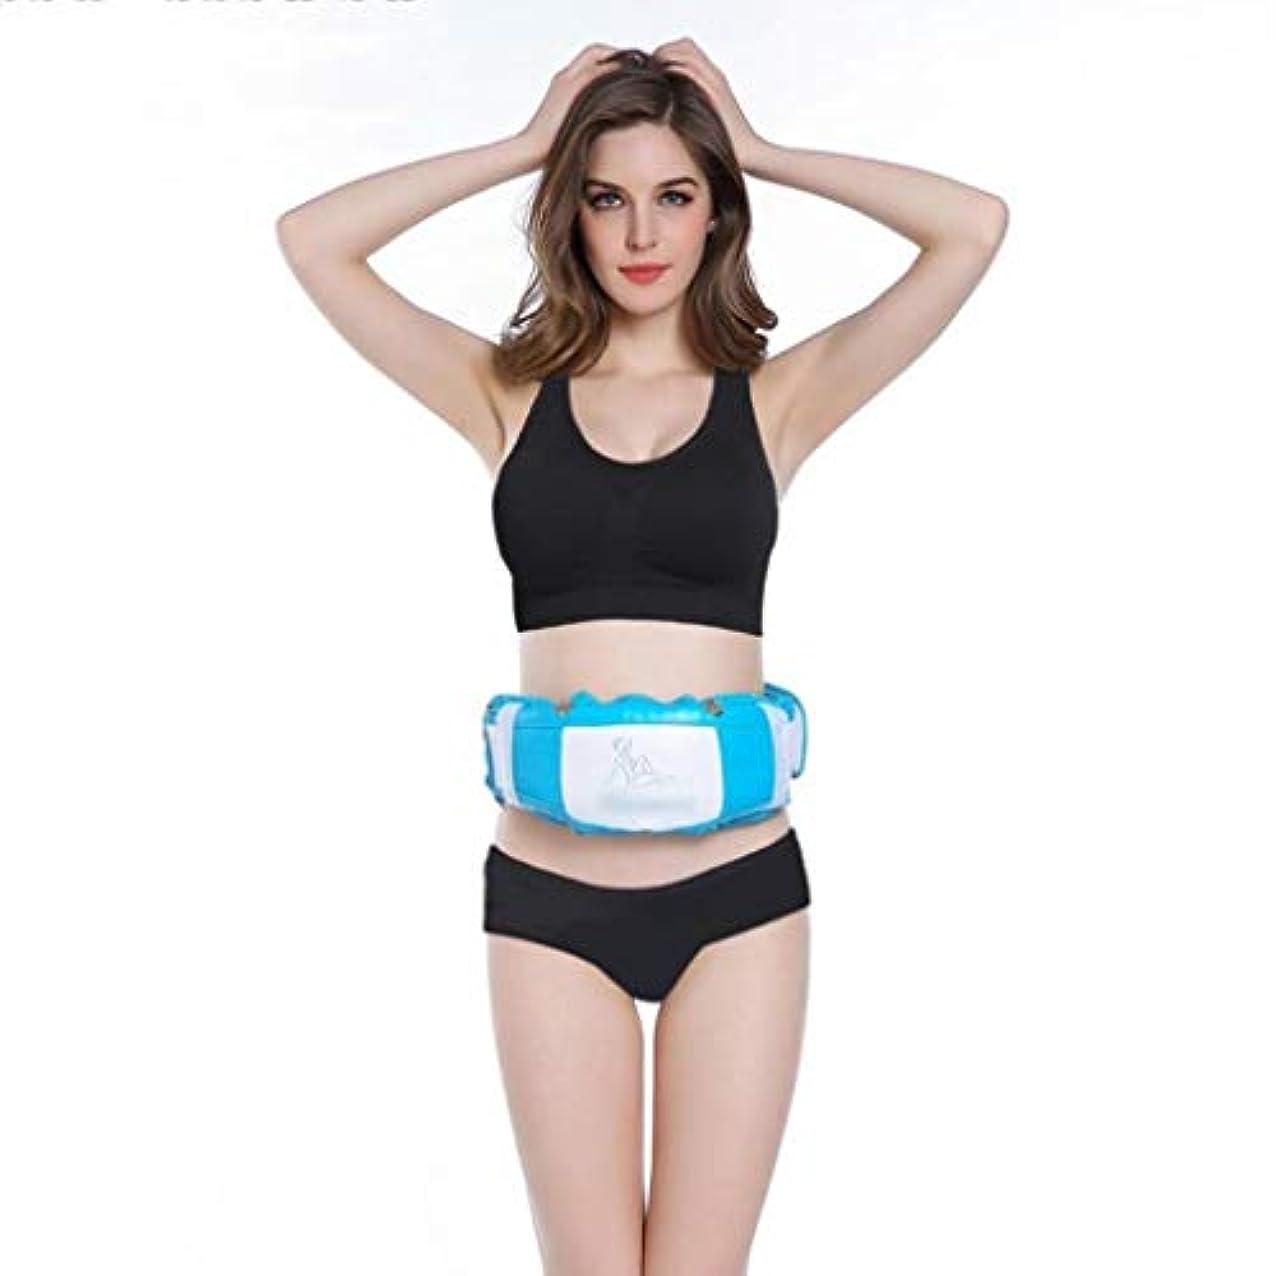 中国国うんざり体形Slim身ベルト、Slim身マシン、スポーツSlim身機器、細いウエストと細い腹、調整可能なフィットネスウエスト振動ベルト、男性と女性の減量機